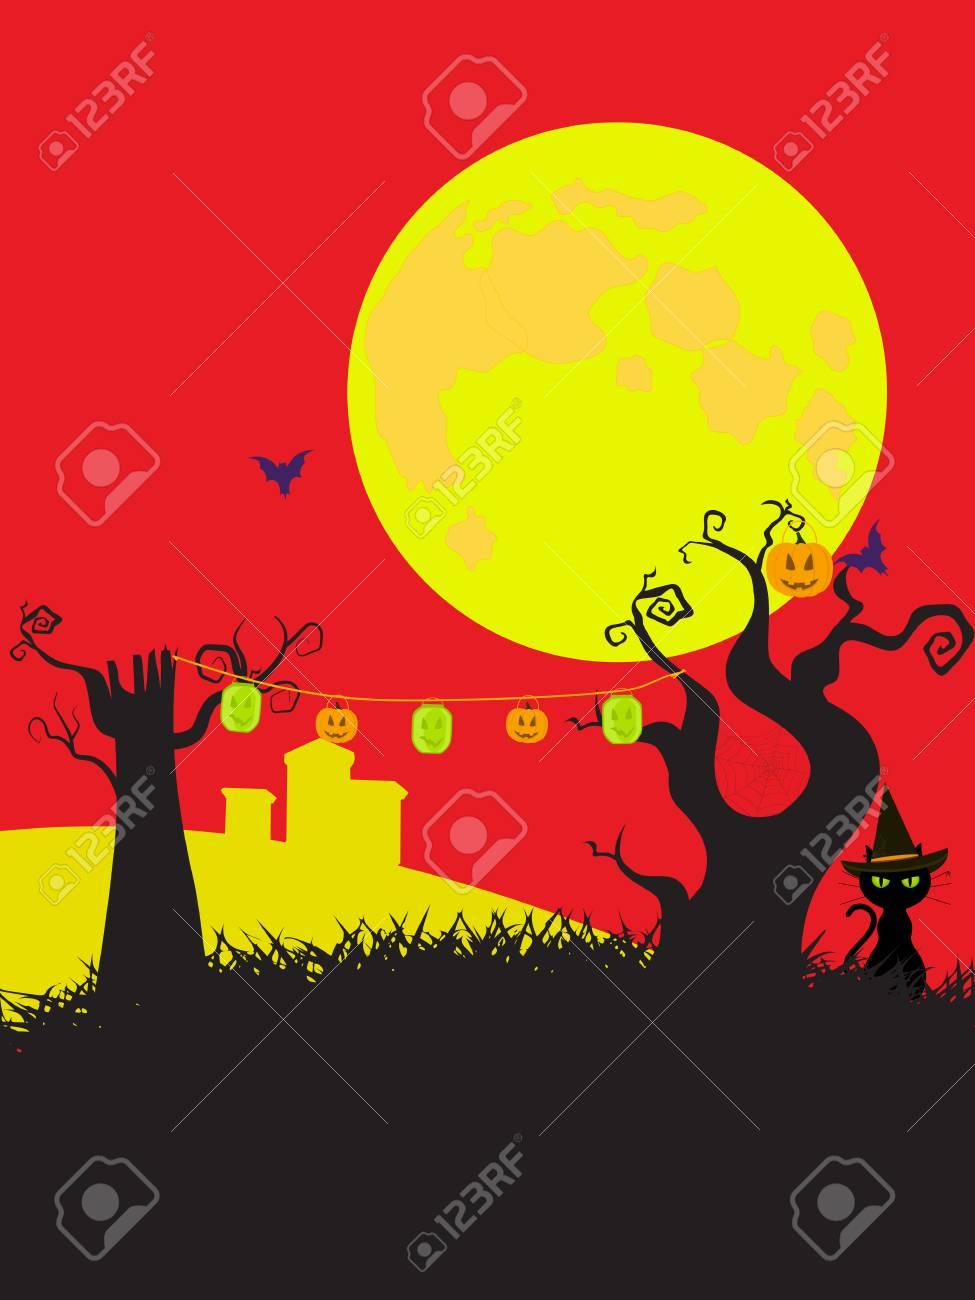 Dessins Animés Style Fond D Halloween Avec Arbre Effrayant Chat Lune Cimetière Et Lanternes